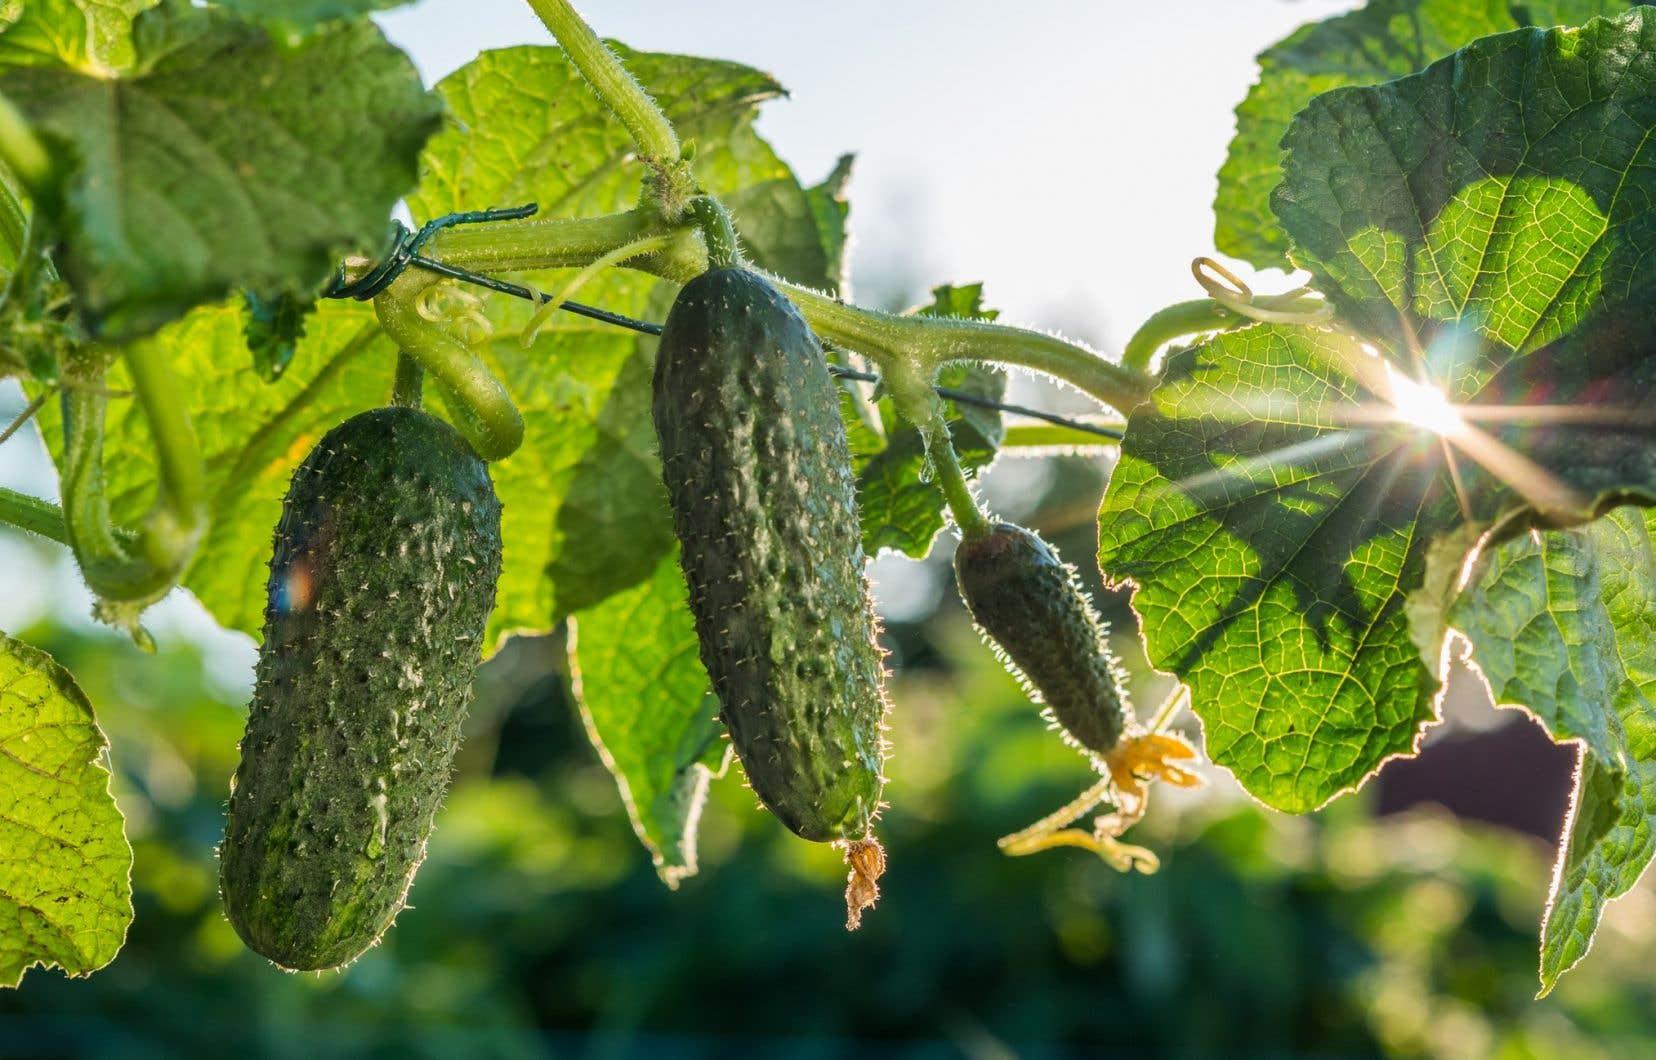 Il est encore temps de planter certains légumes comme les concombres, qui mettront à la fois de la couleur dans vos platebandes et de la fraîcheur dans vos assiettes.